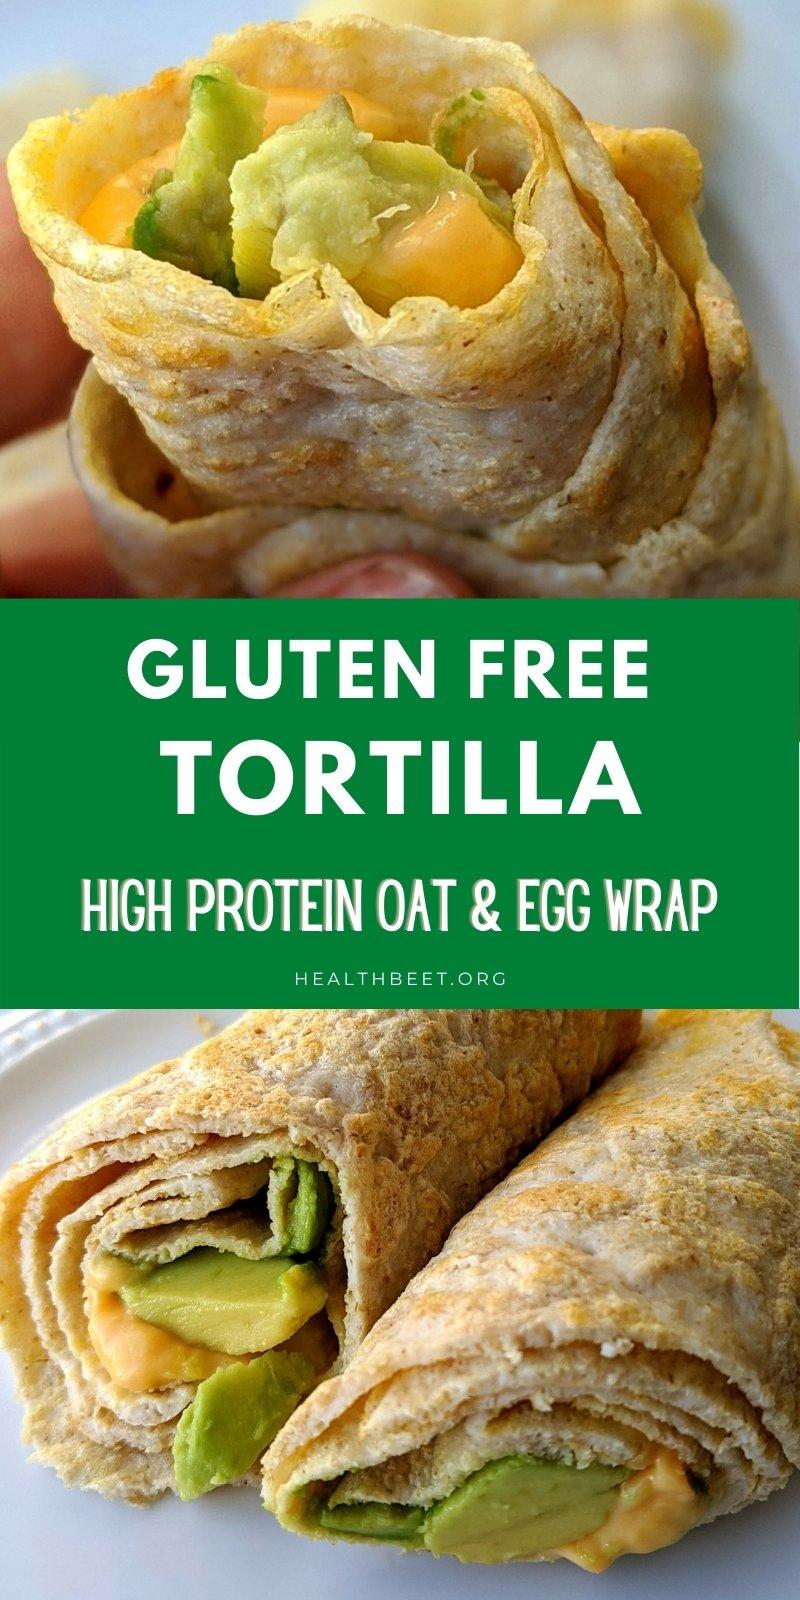 high protein gluten free tortilla recipe